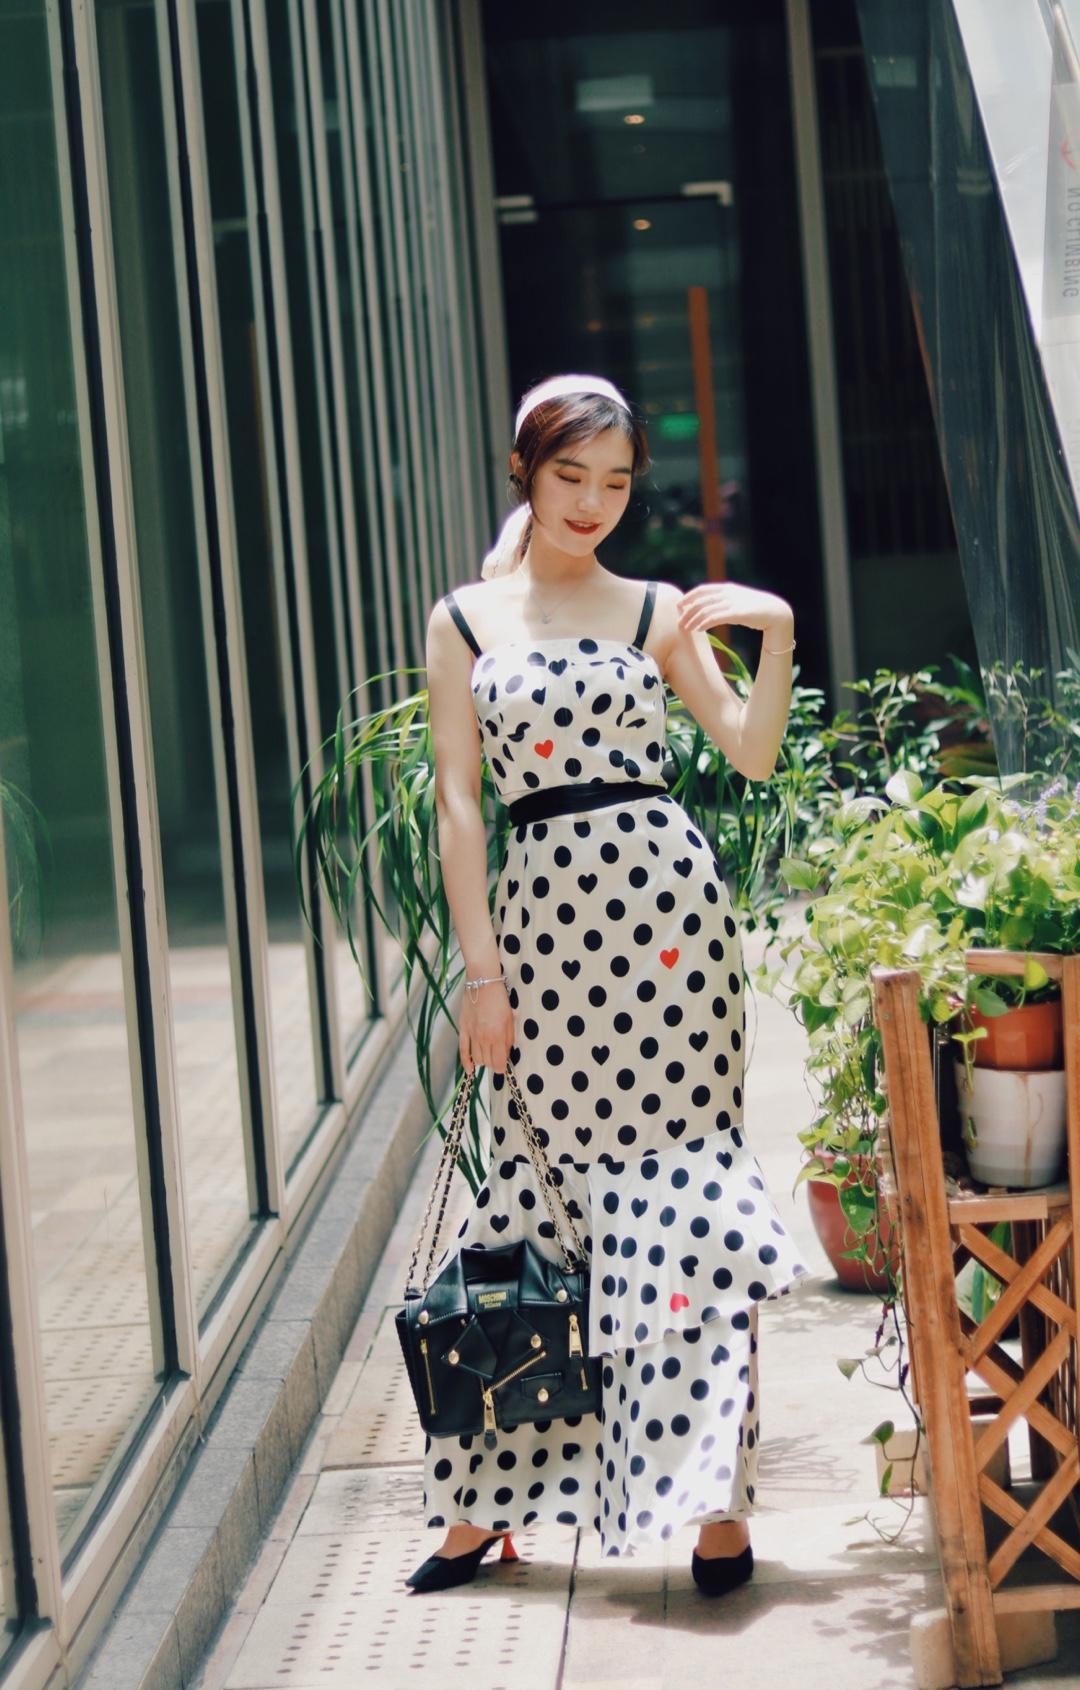 夏天怎么能少了一件吊带连衣裙呢?法式波点图案、加上恰到好处的露肩。#花式露肩大赛,我能赢!# 穿上这件连衣裙、马上去约会你的男神吧?